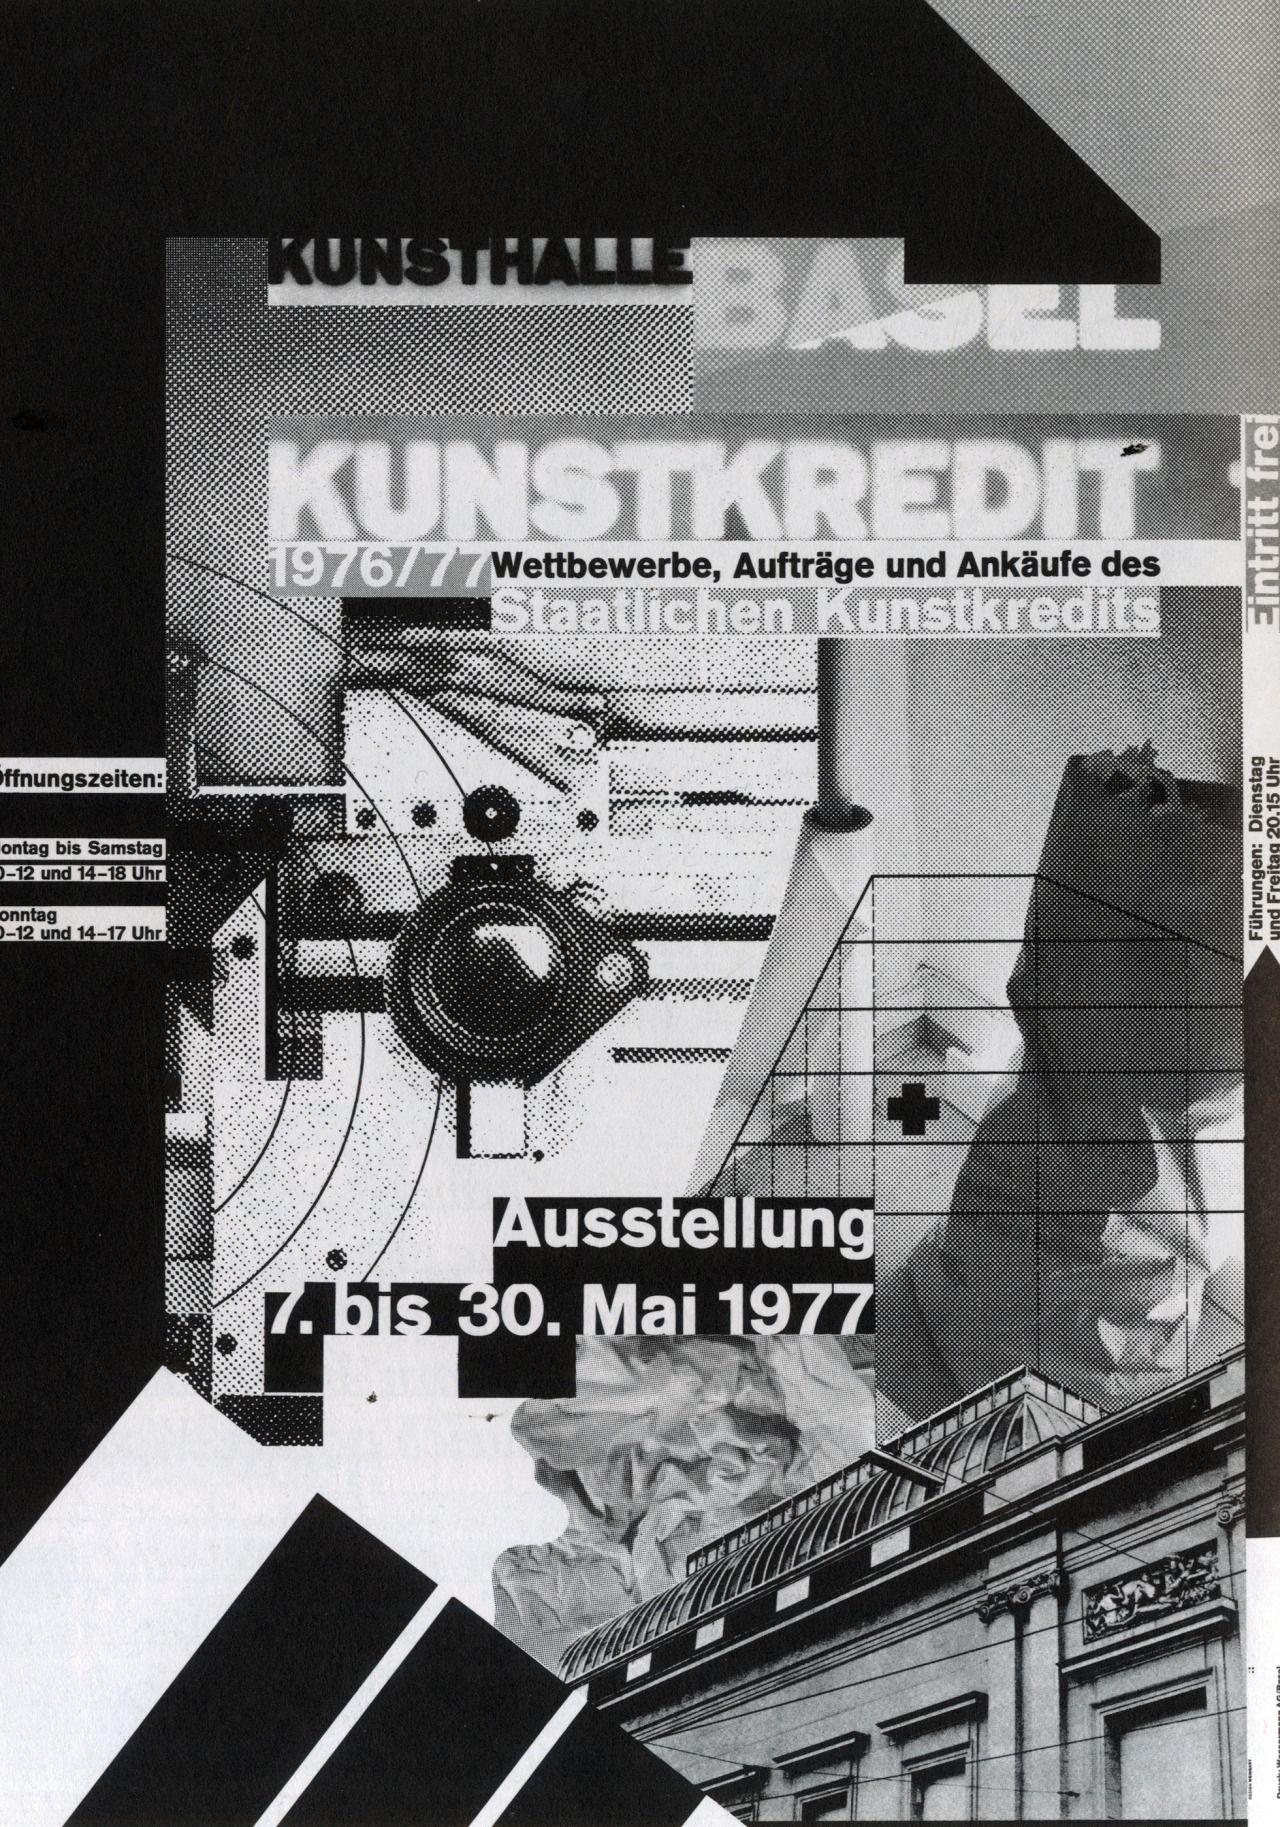 Poster design history -  Kunstkredit Basel Worldformat Poster For Kunsthalle Basel Film Layering 1977 Designer Wolfgang Weingart First Worldformat Poster